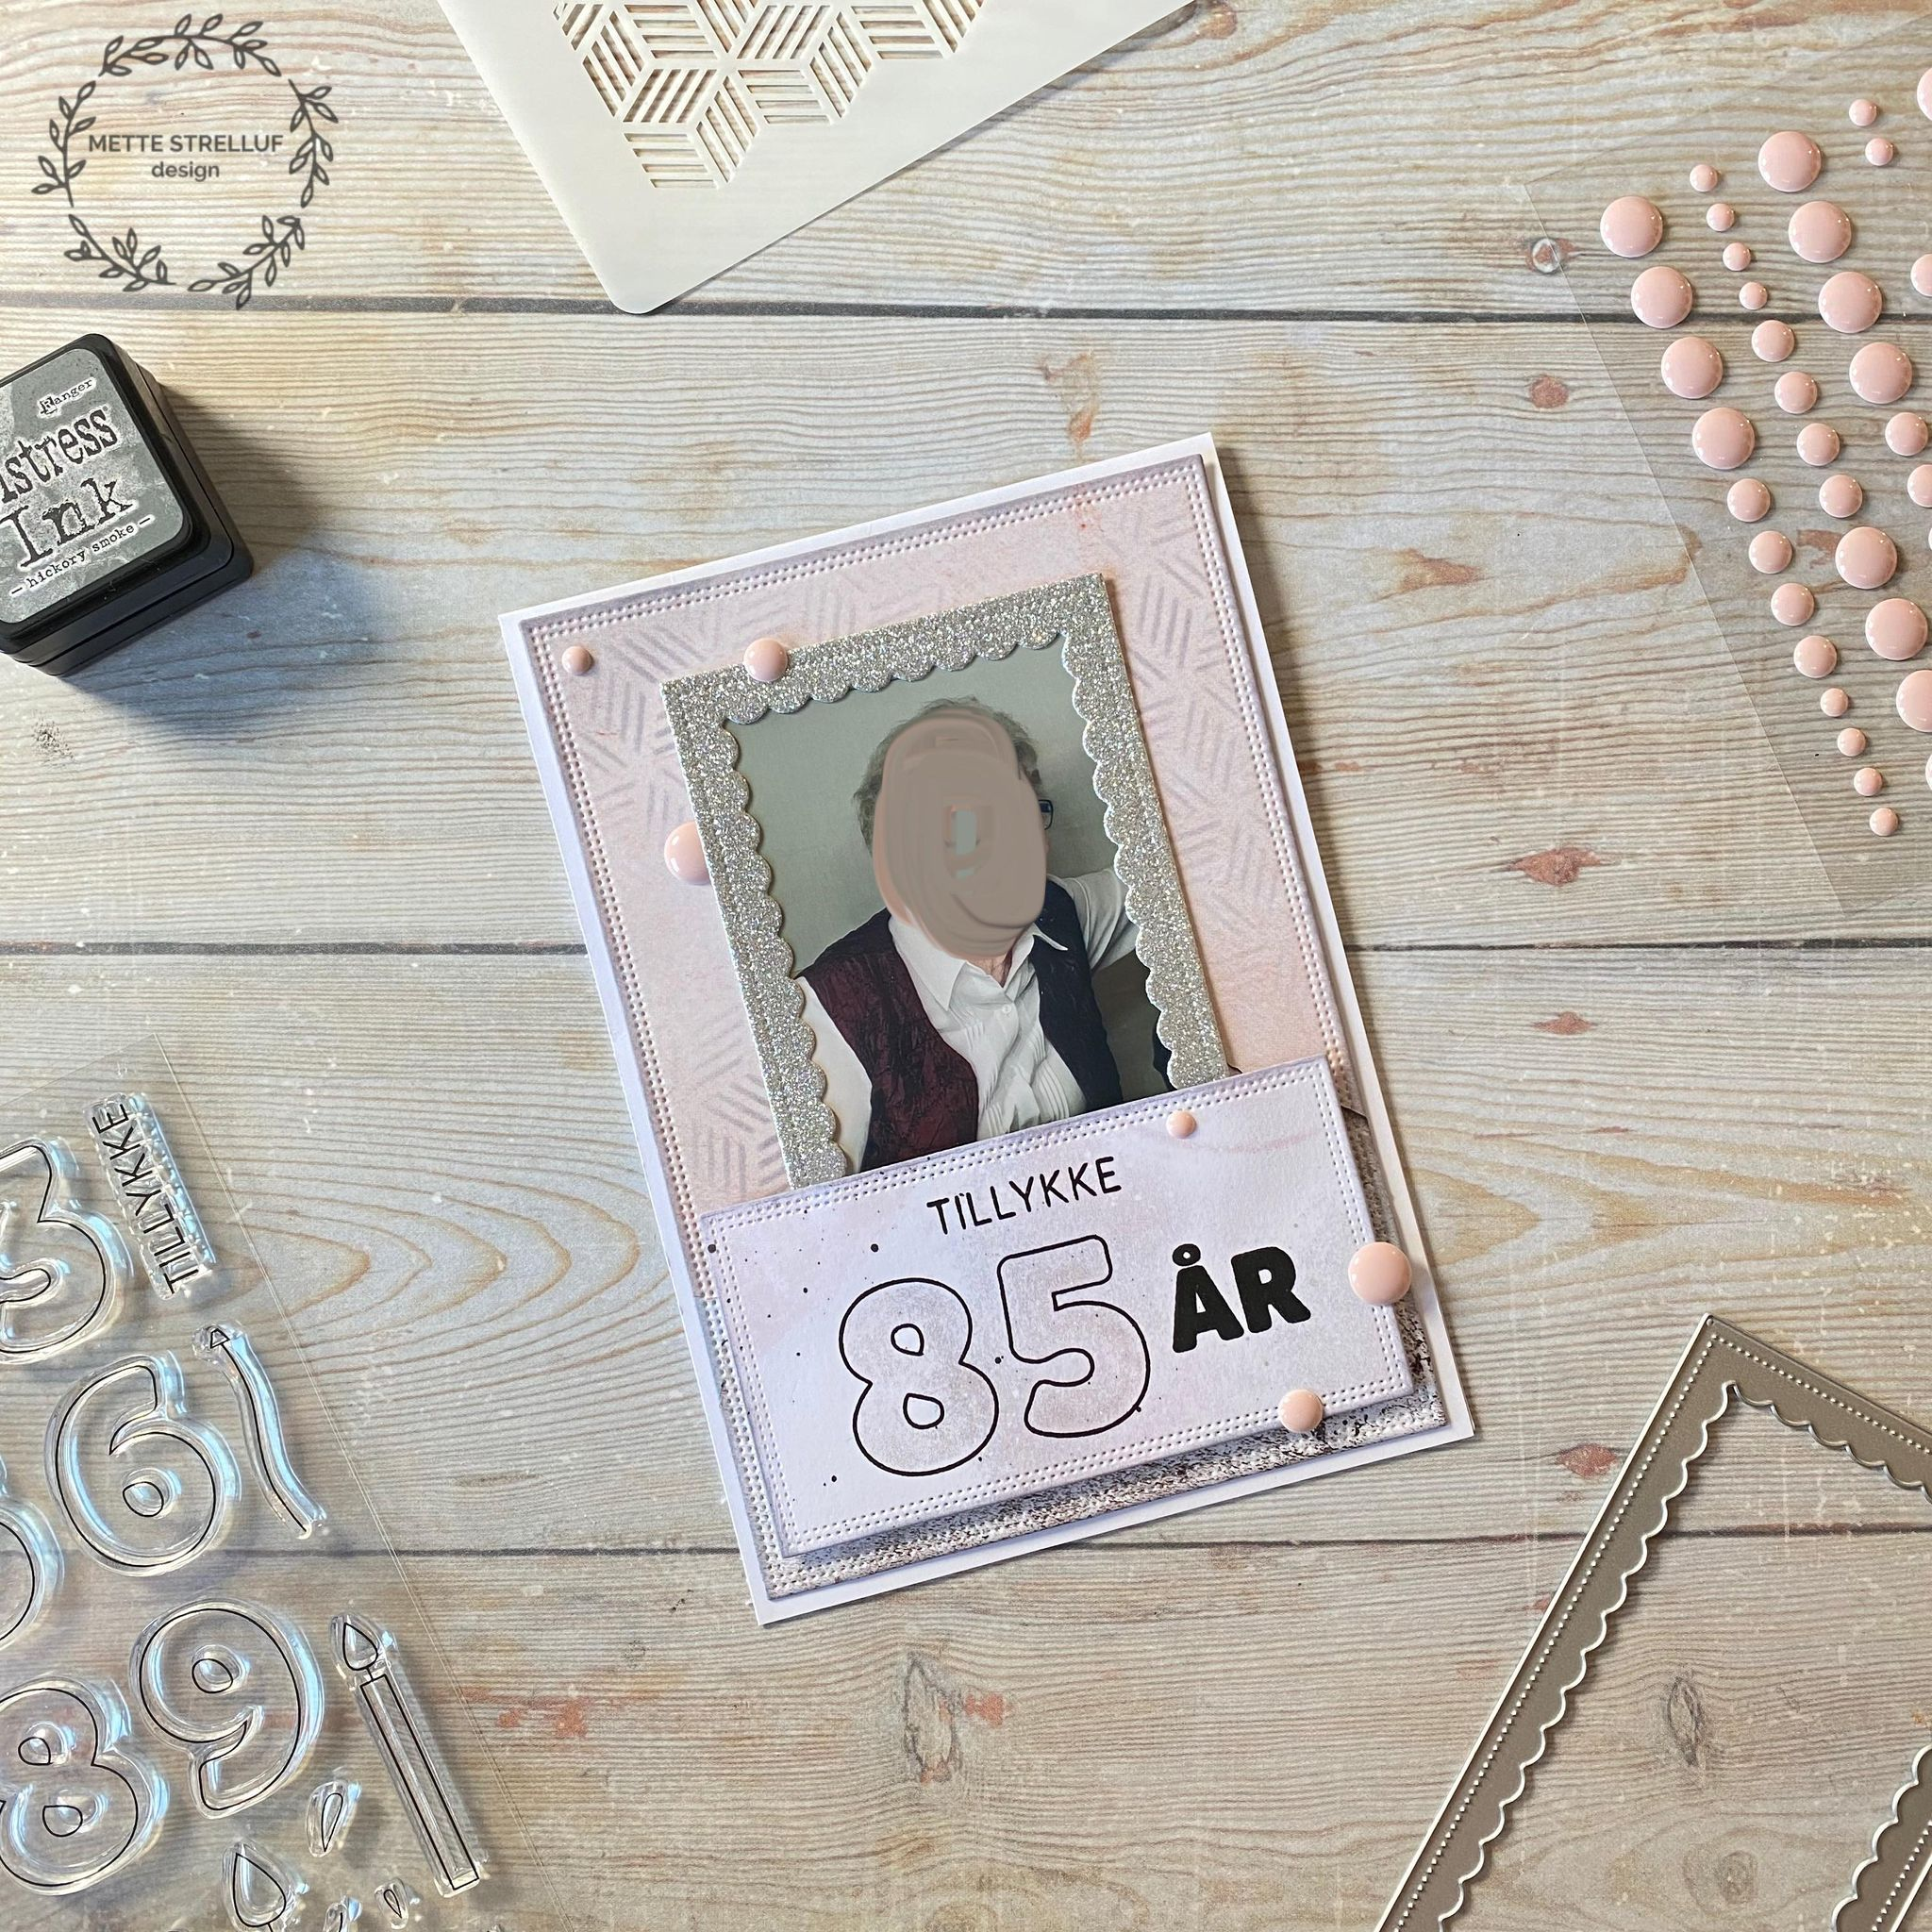 Nemt og hurtigt fødselsdagkort